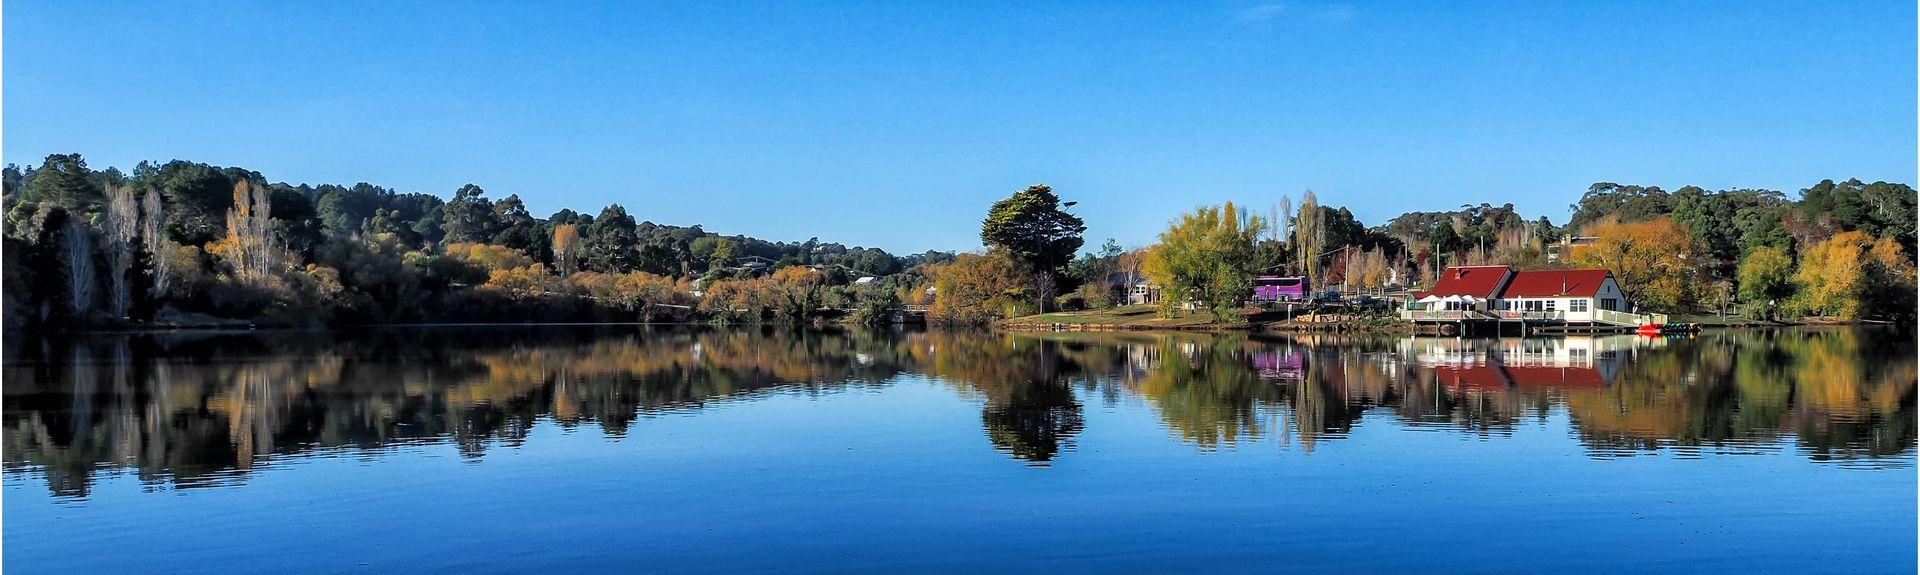 Daylesford, Victoria, Australia